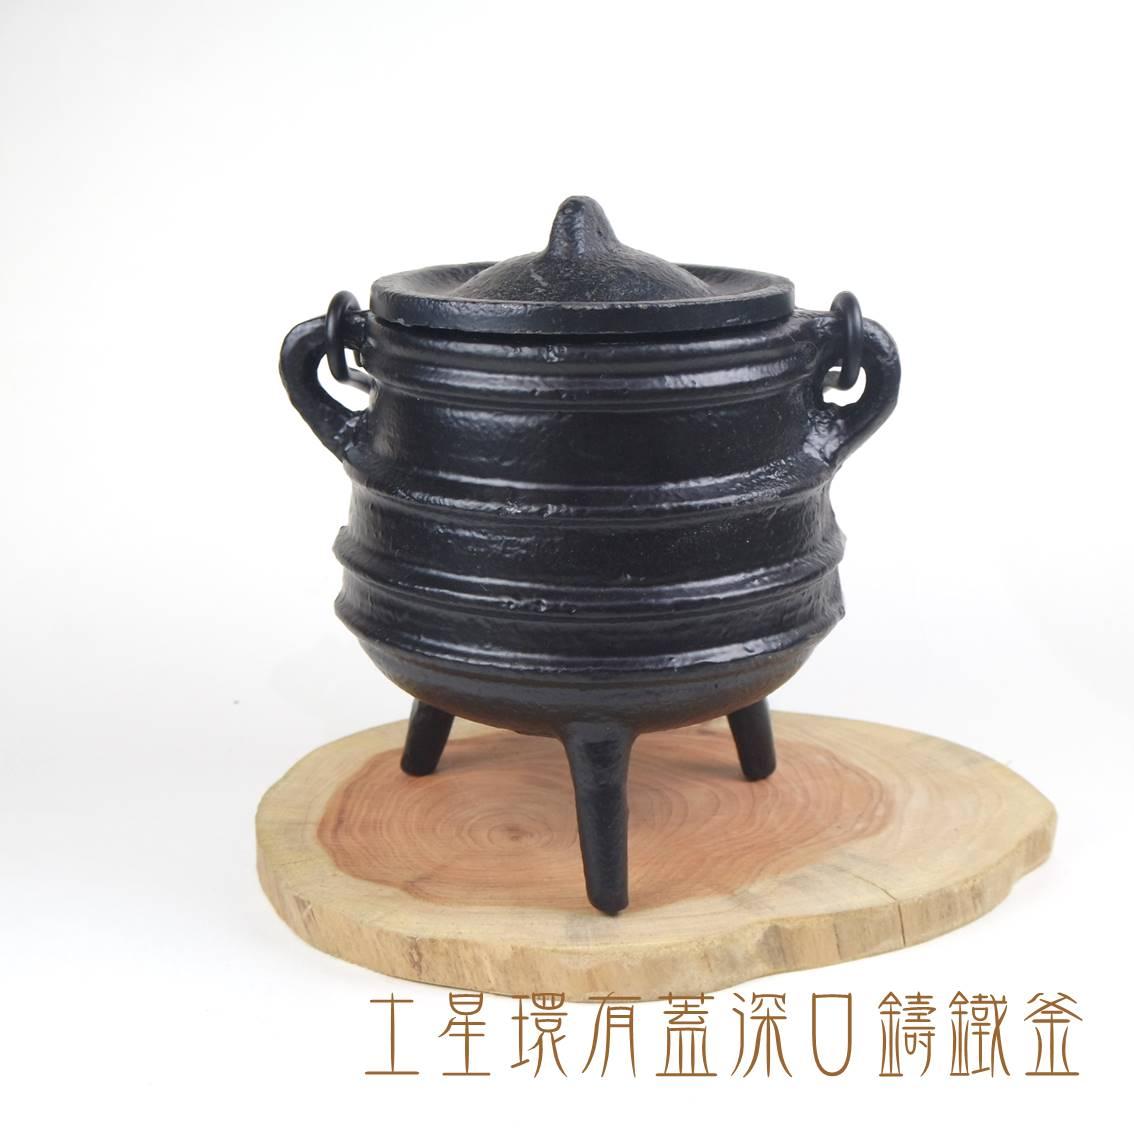 土星環高腳有蓋深口鑄鐵釜 ~可用來燃燒草藥、鼠尾草、香粉、塔香或許願紙條等儀式之用